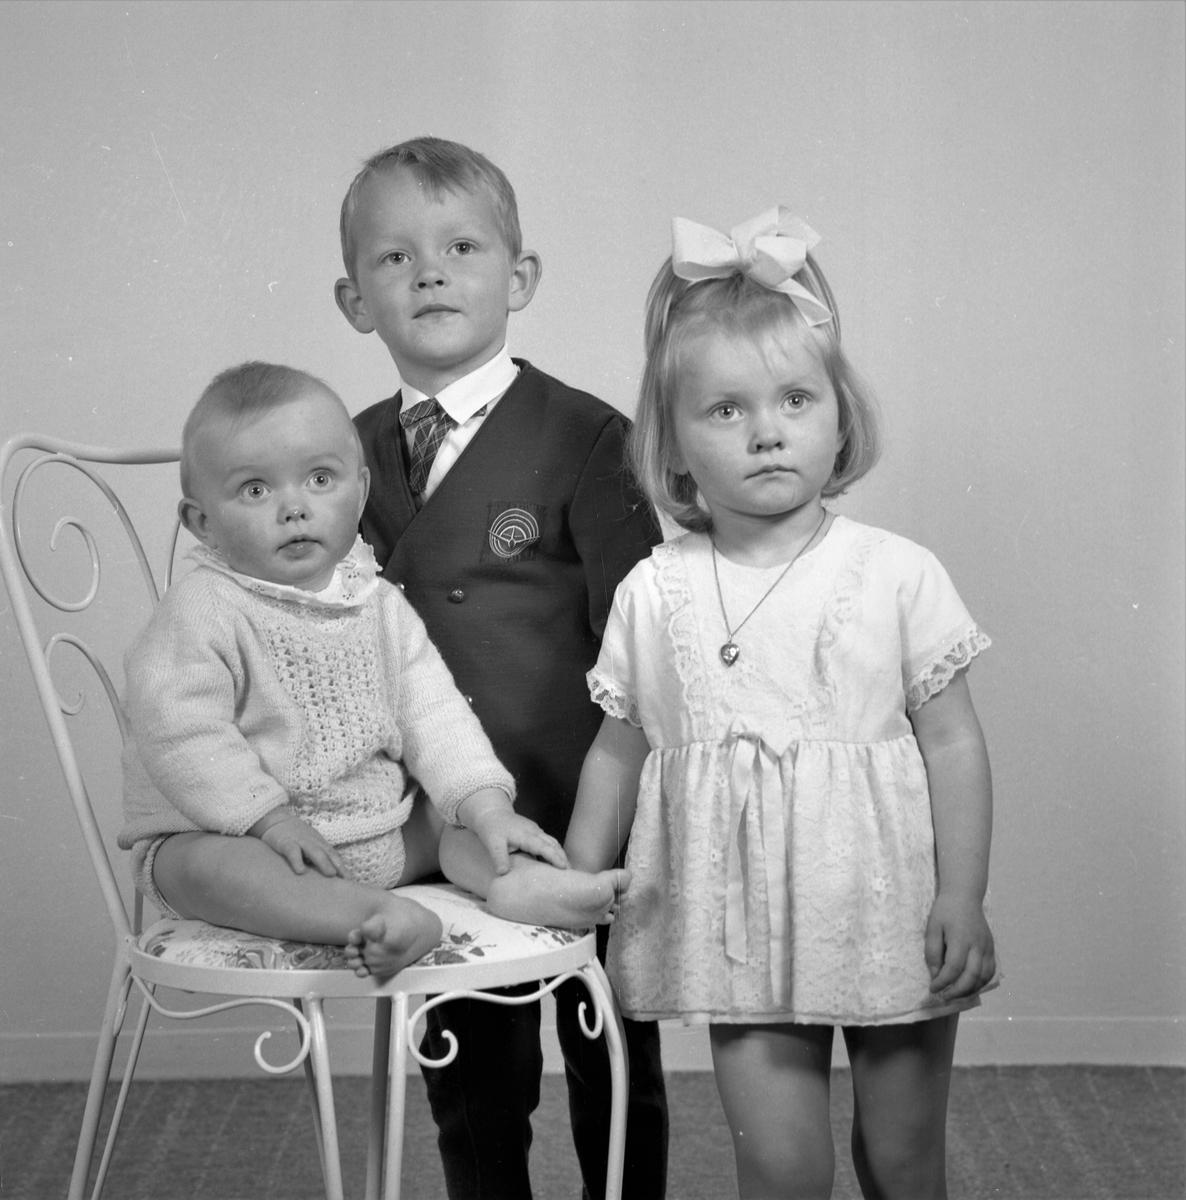 Portrett. Ung pike. Familiegruppe på tre. Ung gutt, ung pike og liten gutt. Bestilt av Olav Utvik. Røksund